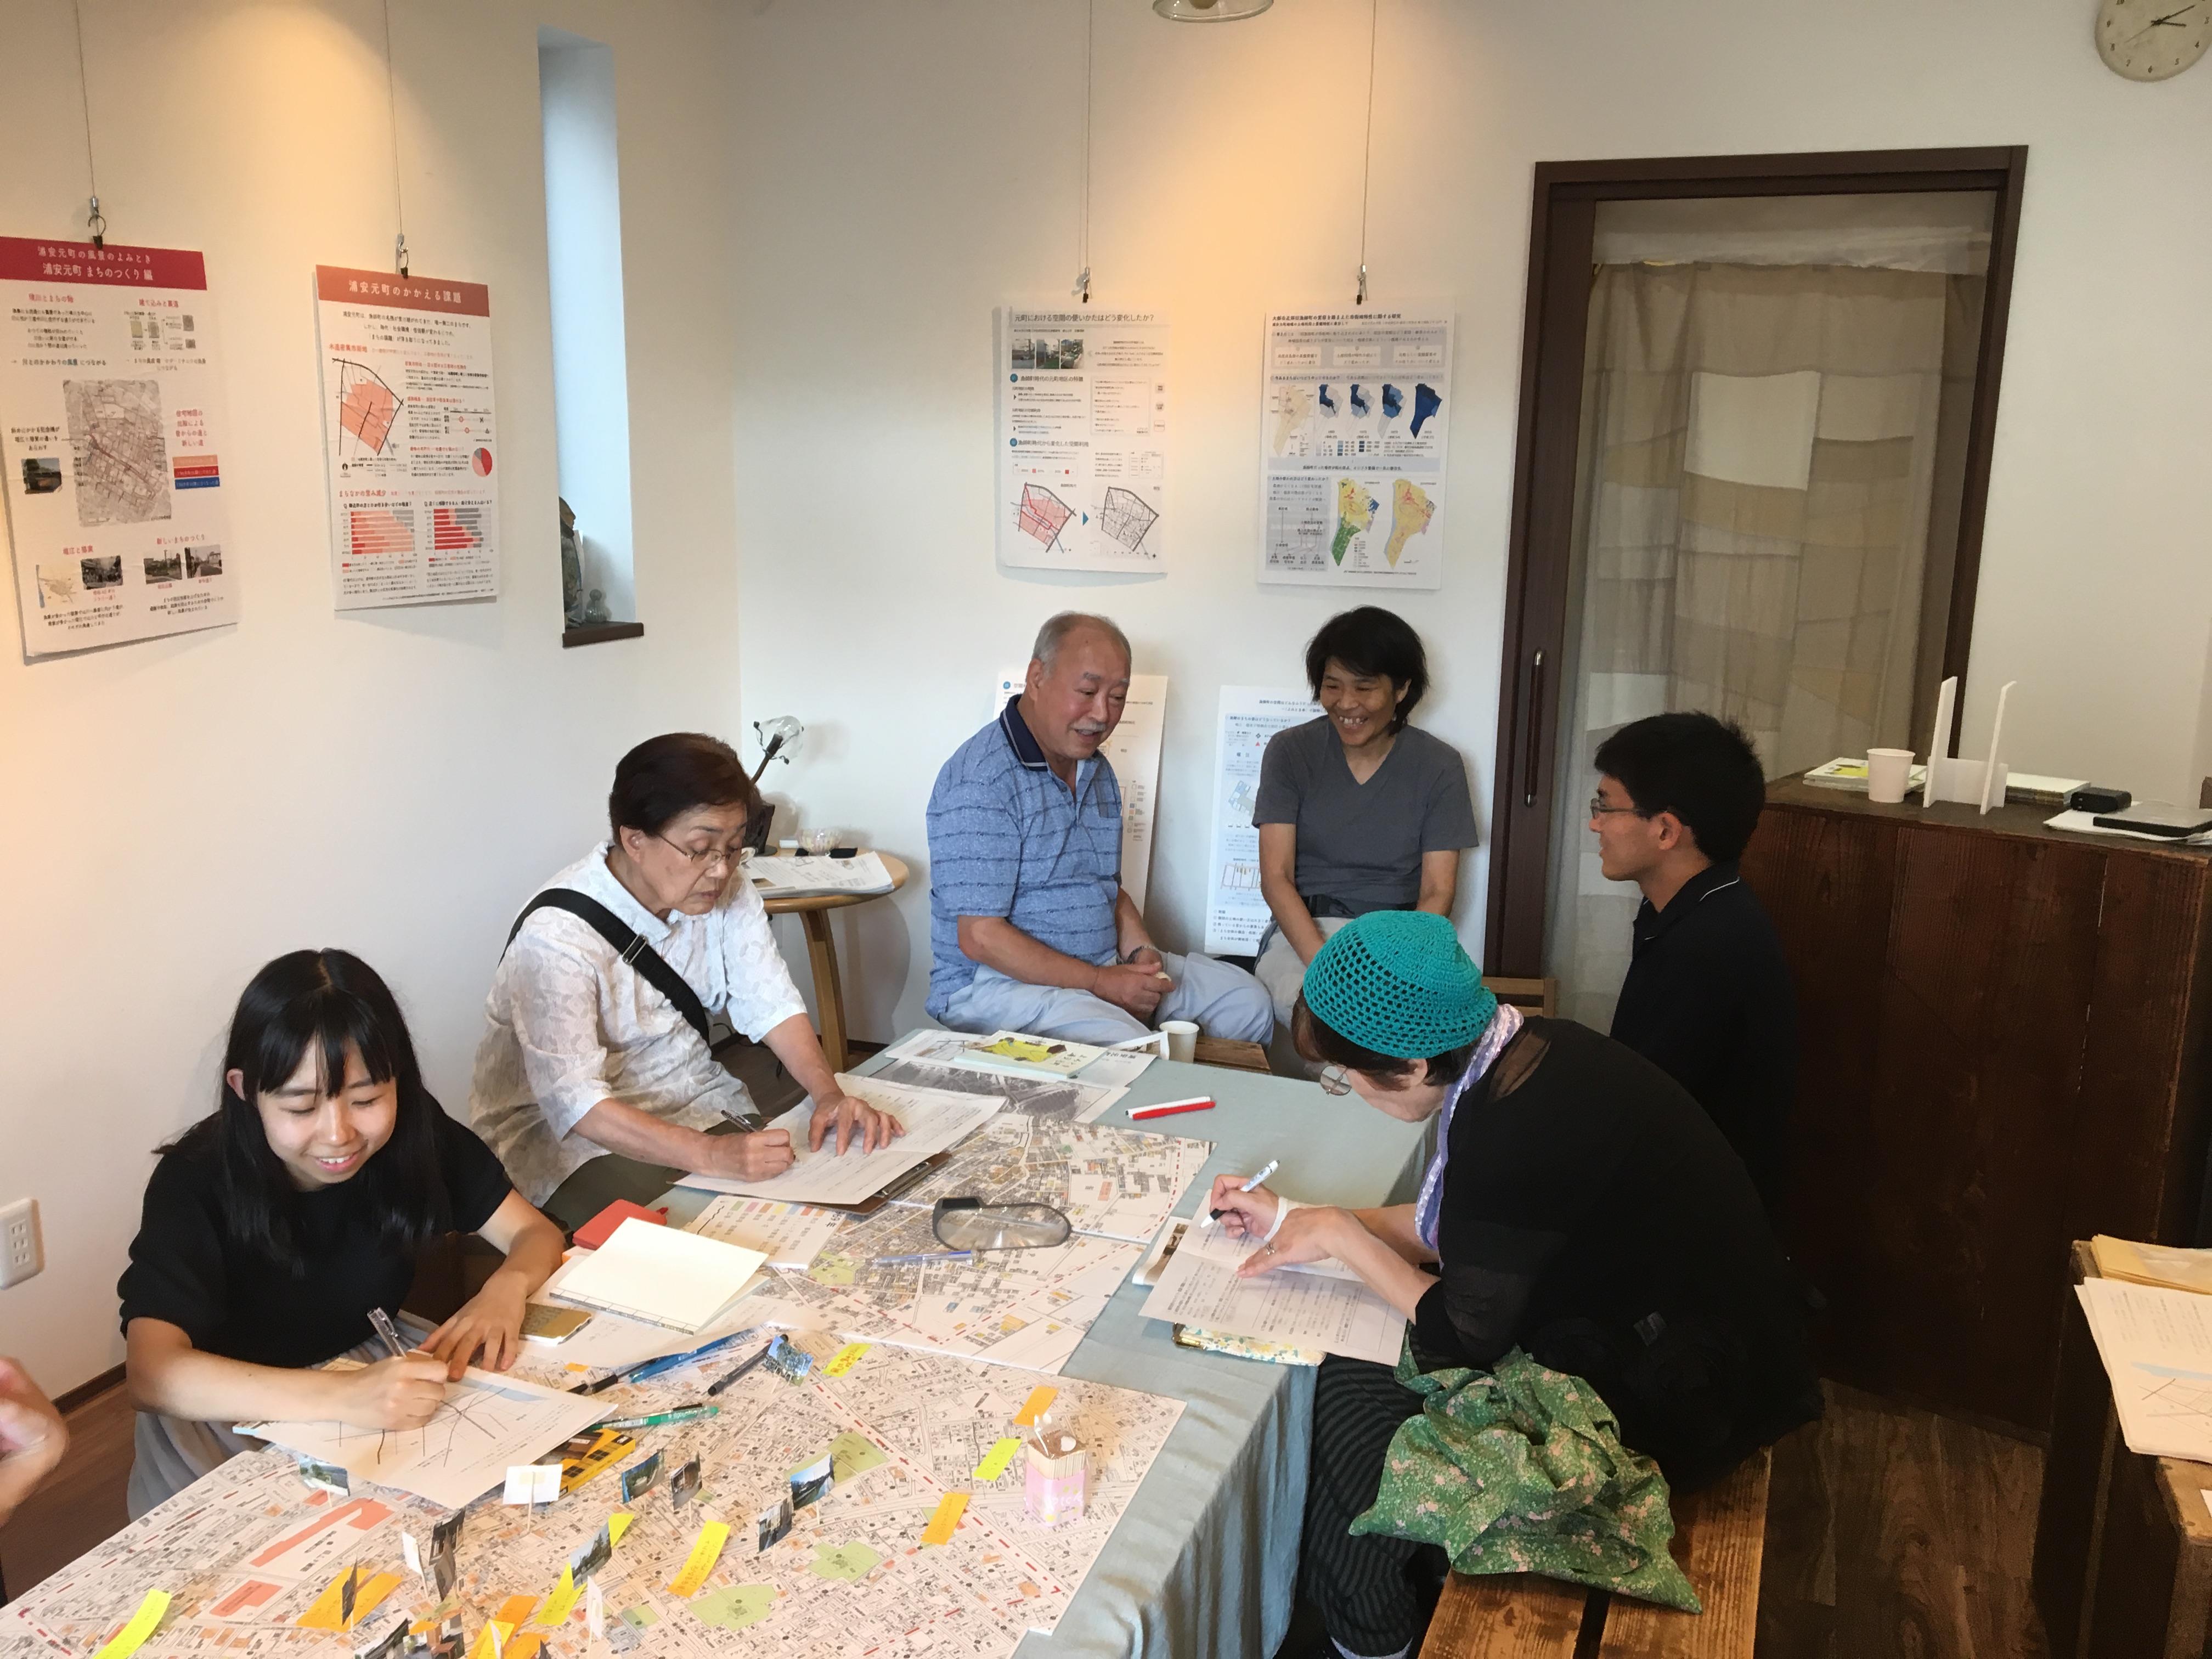 http://ud.t.u-tokyo.ac.jp/blog/_images/IMG_3189.JPG